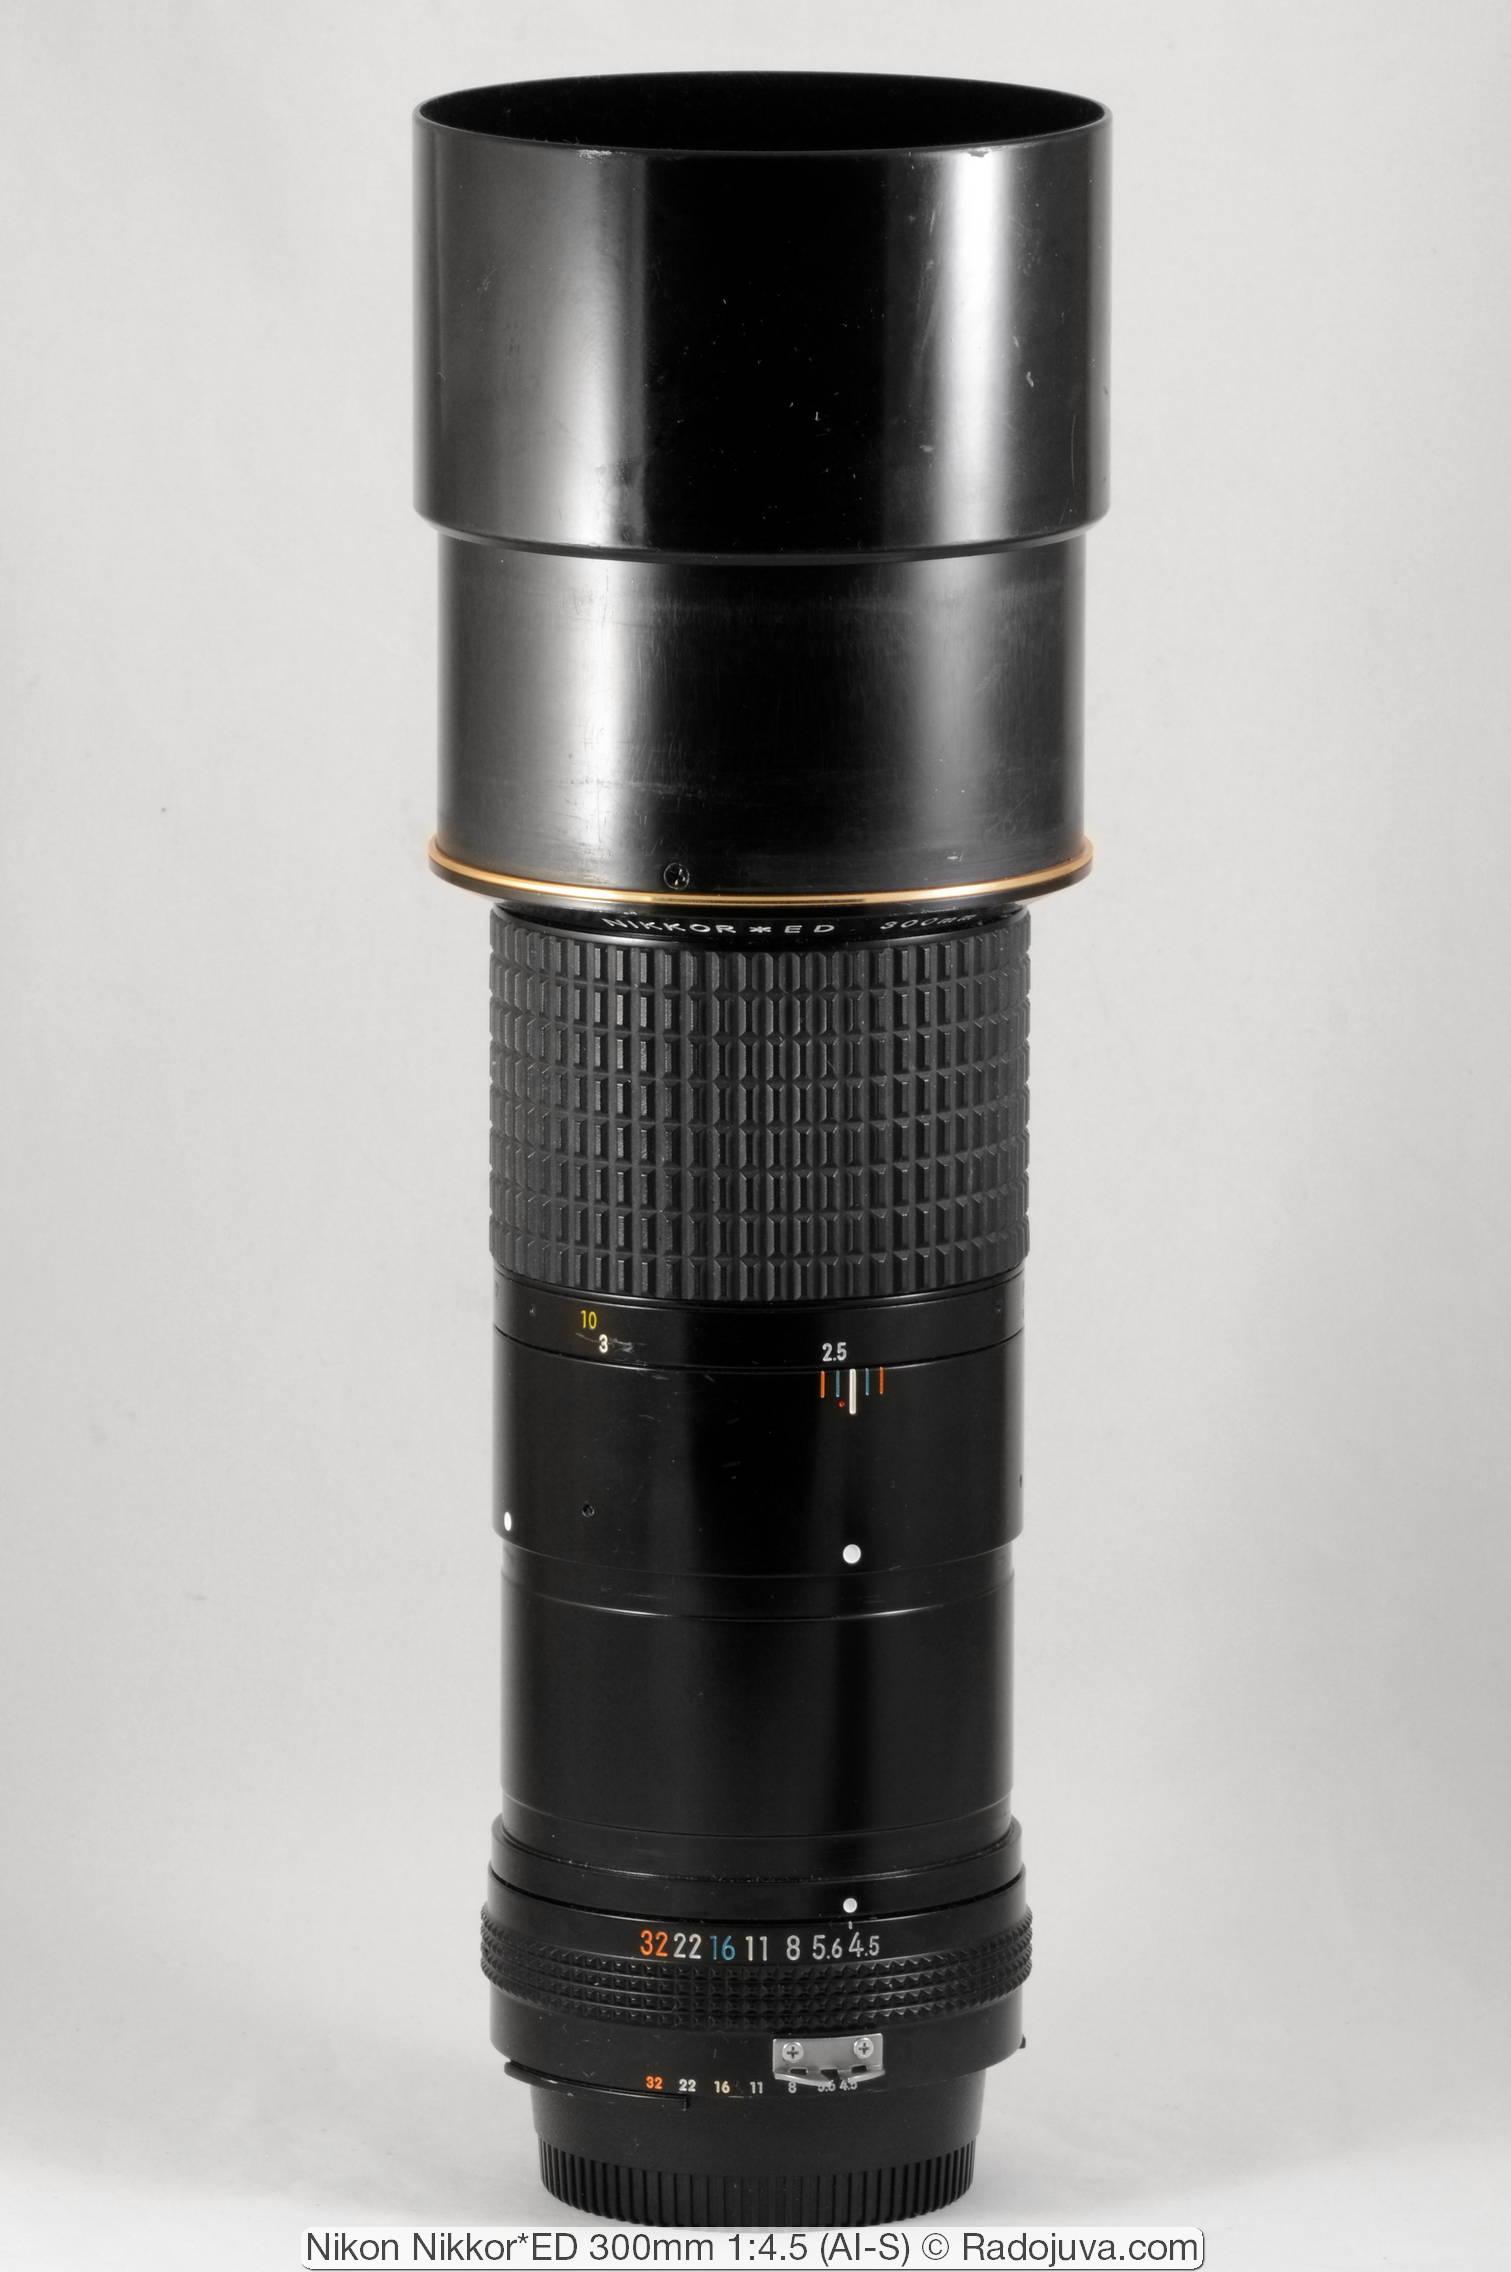 Nikon Nikkor*ED 300mm 1:4.5 (AI-S